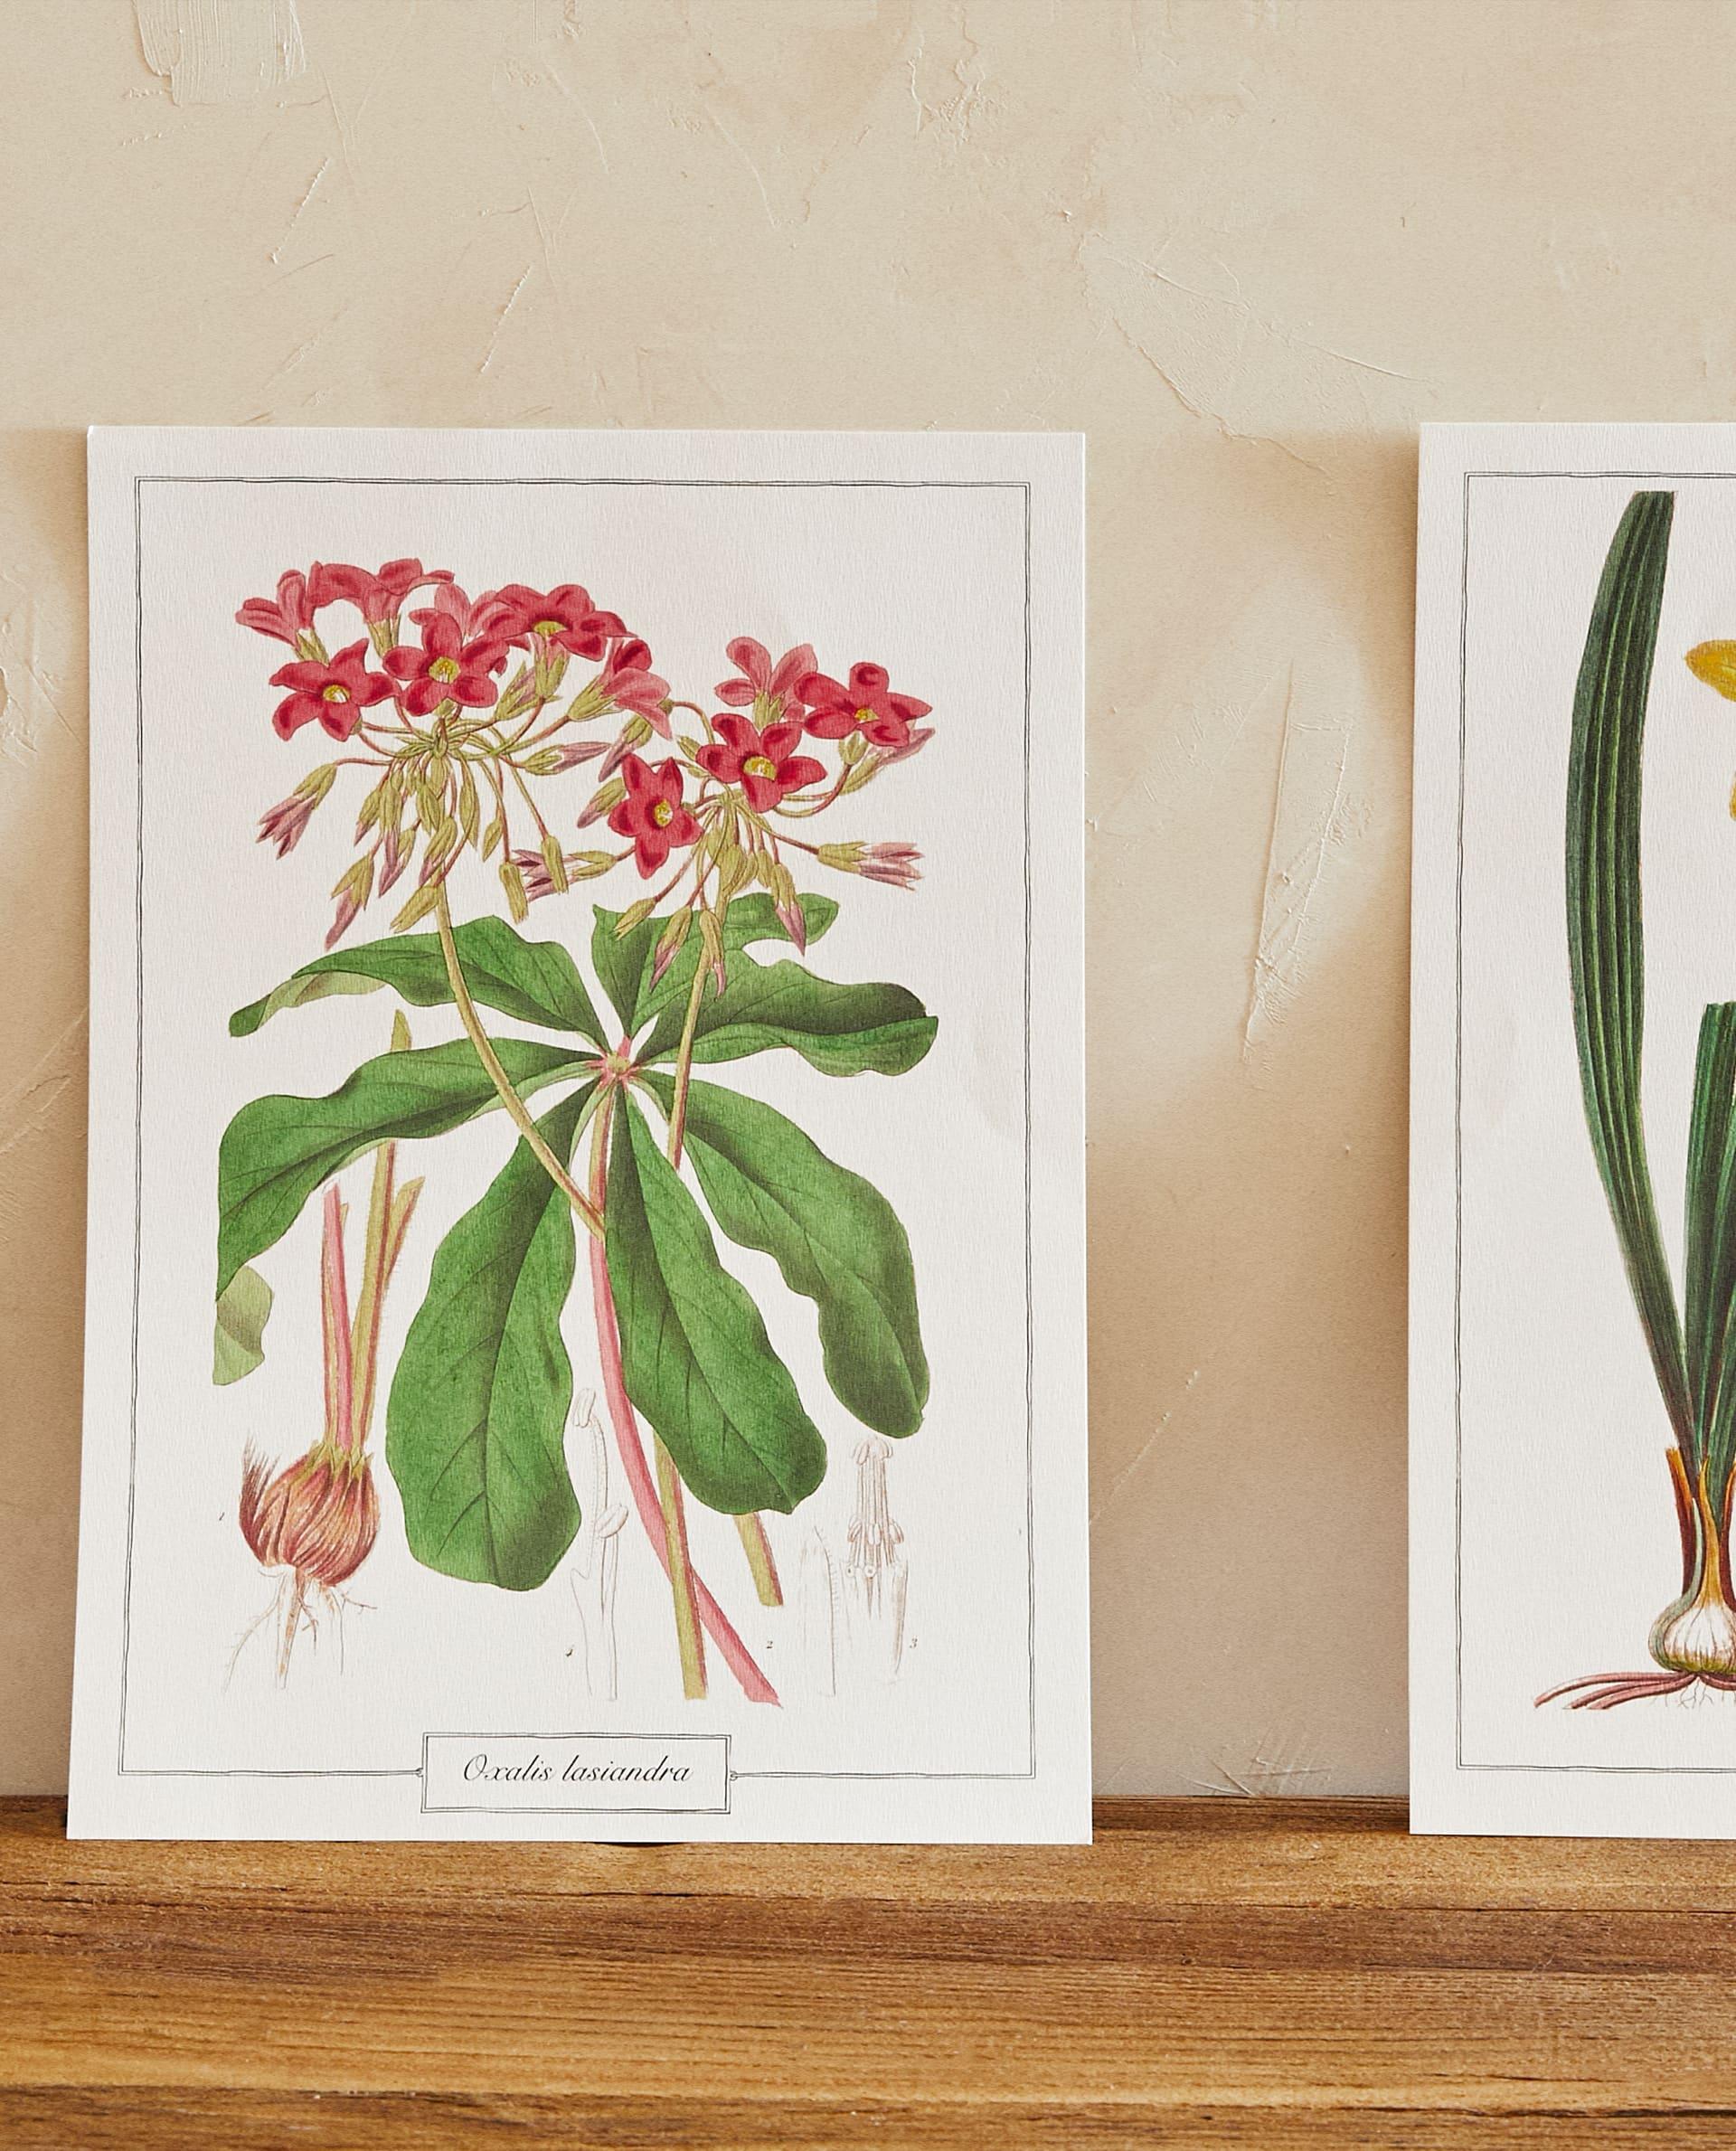 Lámina decorativa de papel con motivos florales y botánicos.  Se vende en pack de 2 unidades formato A3 de Zara Home (12,99 €) / Zara Home